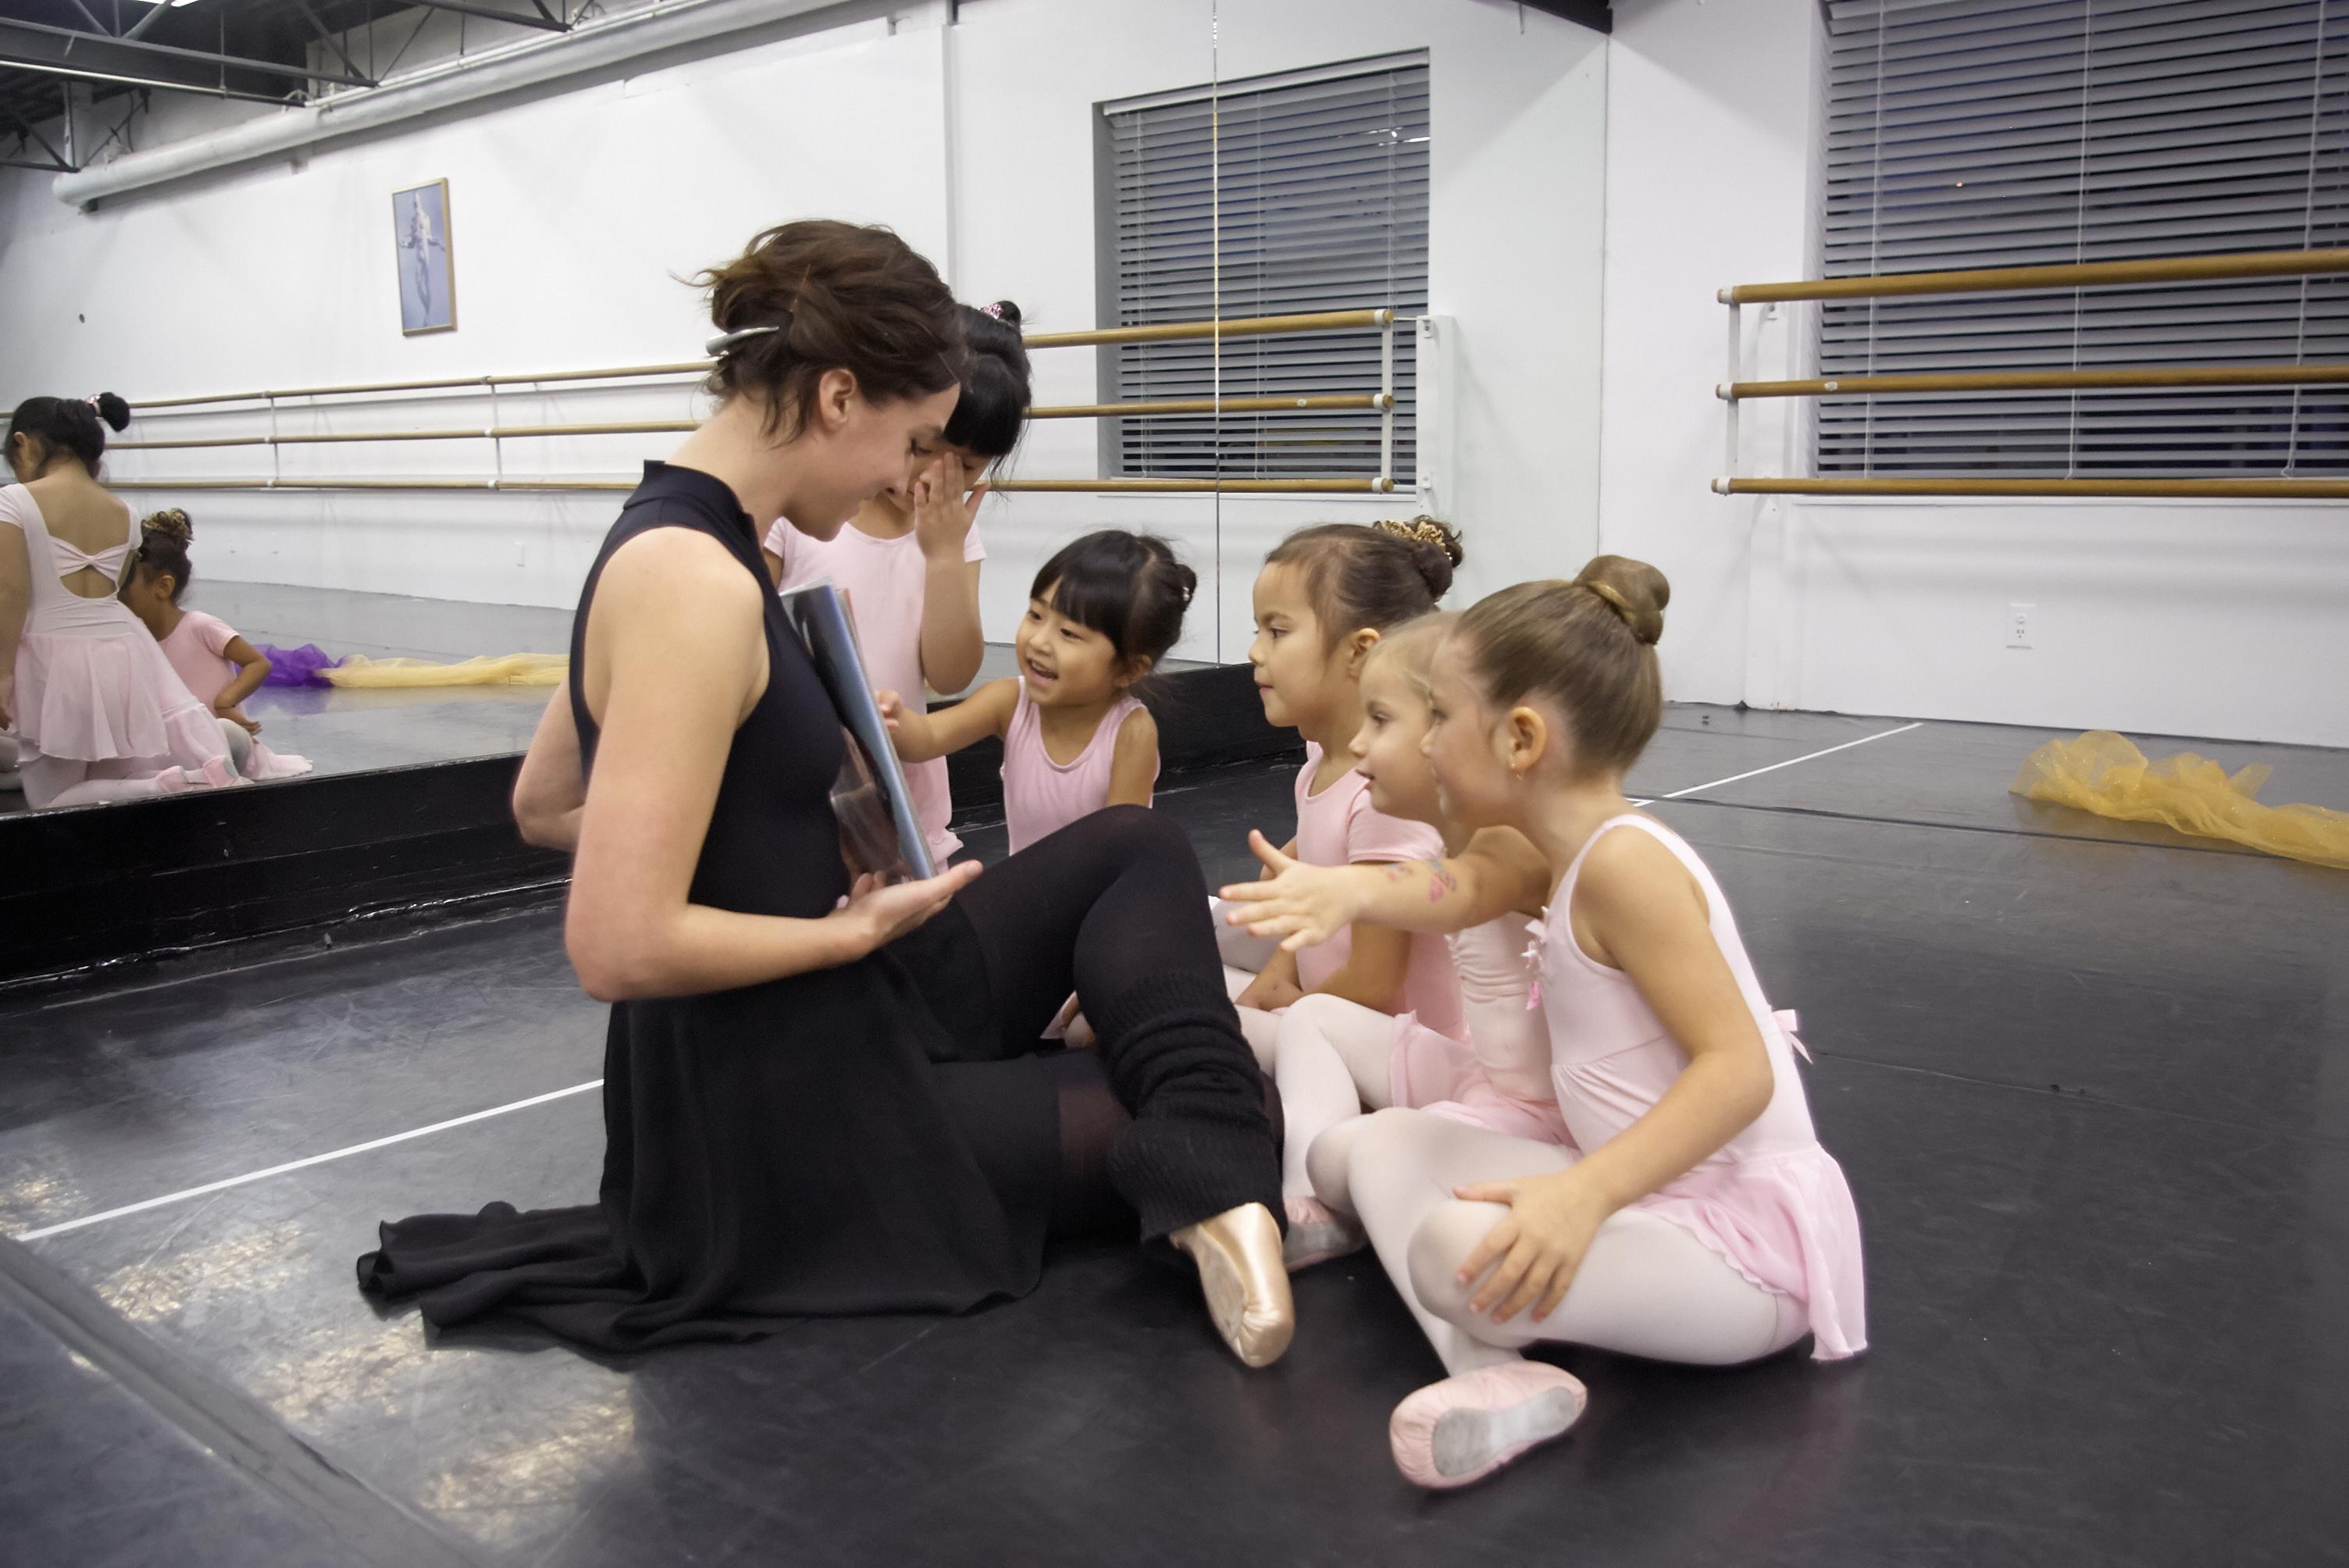 Storytime_Ballet_poster 1.jpg